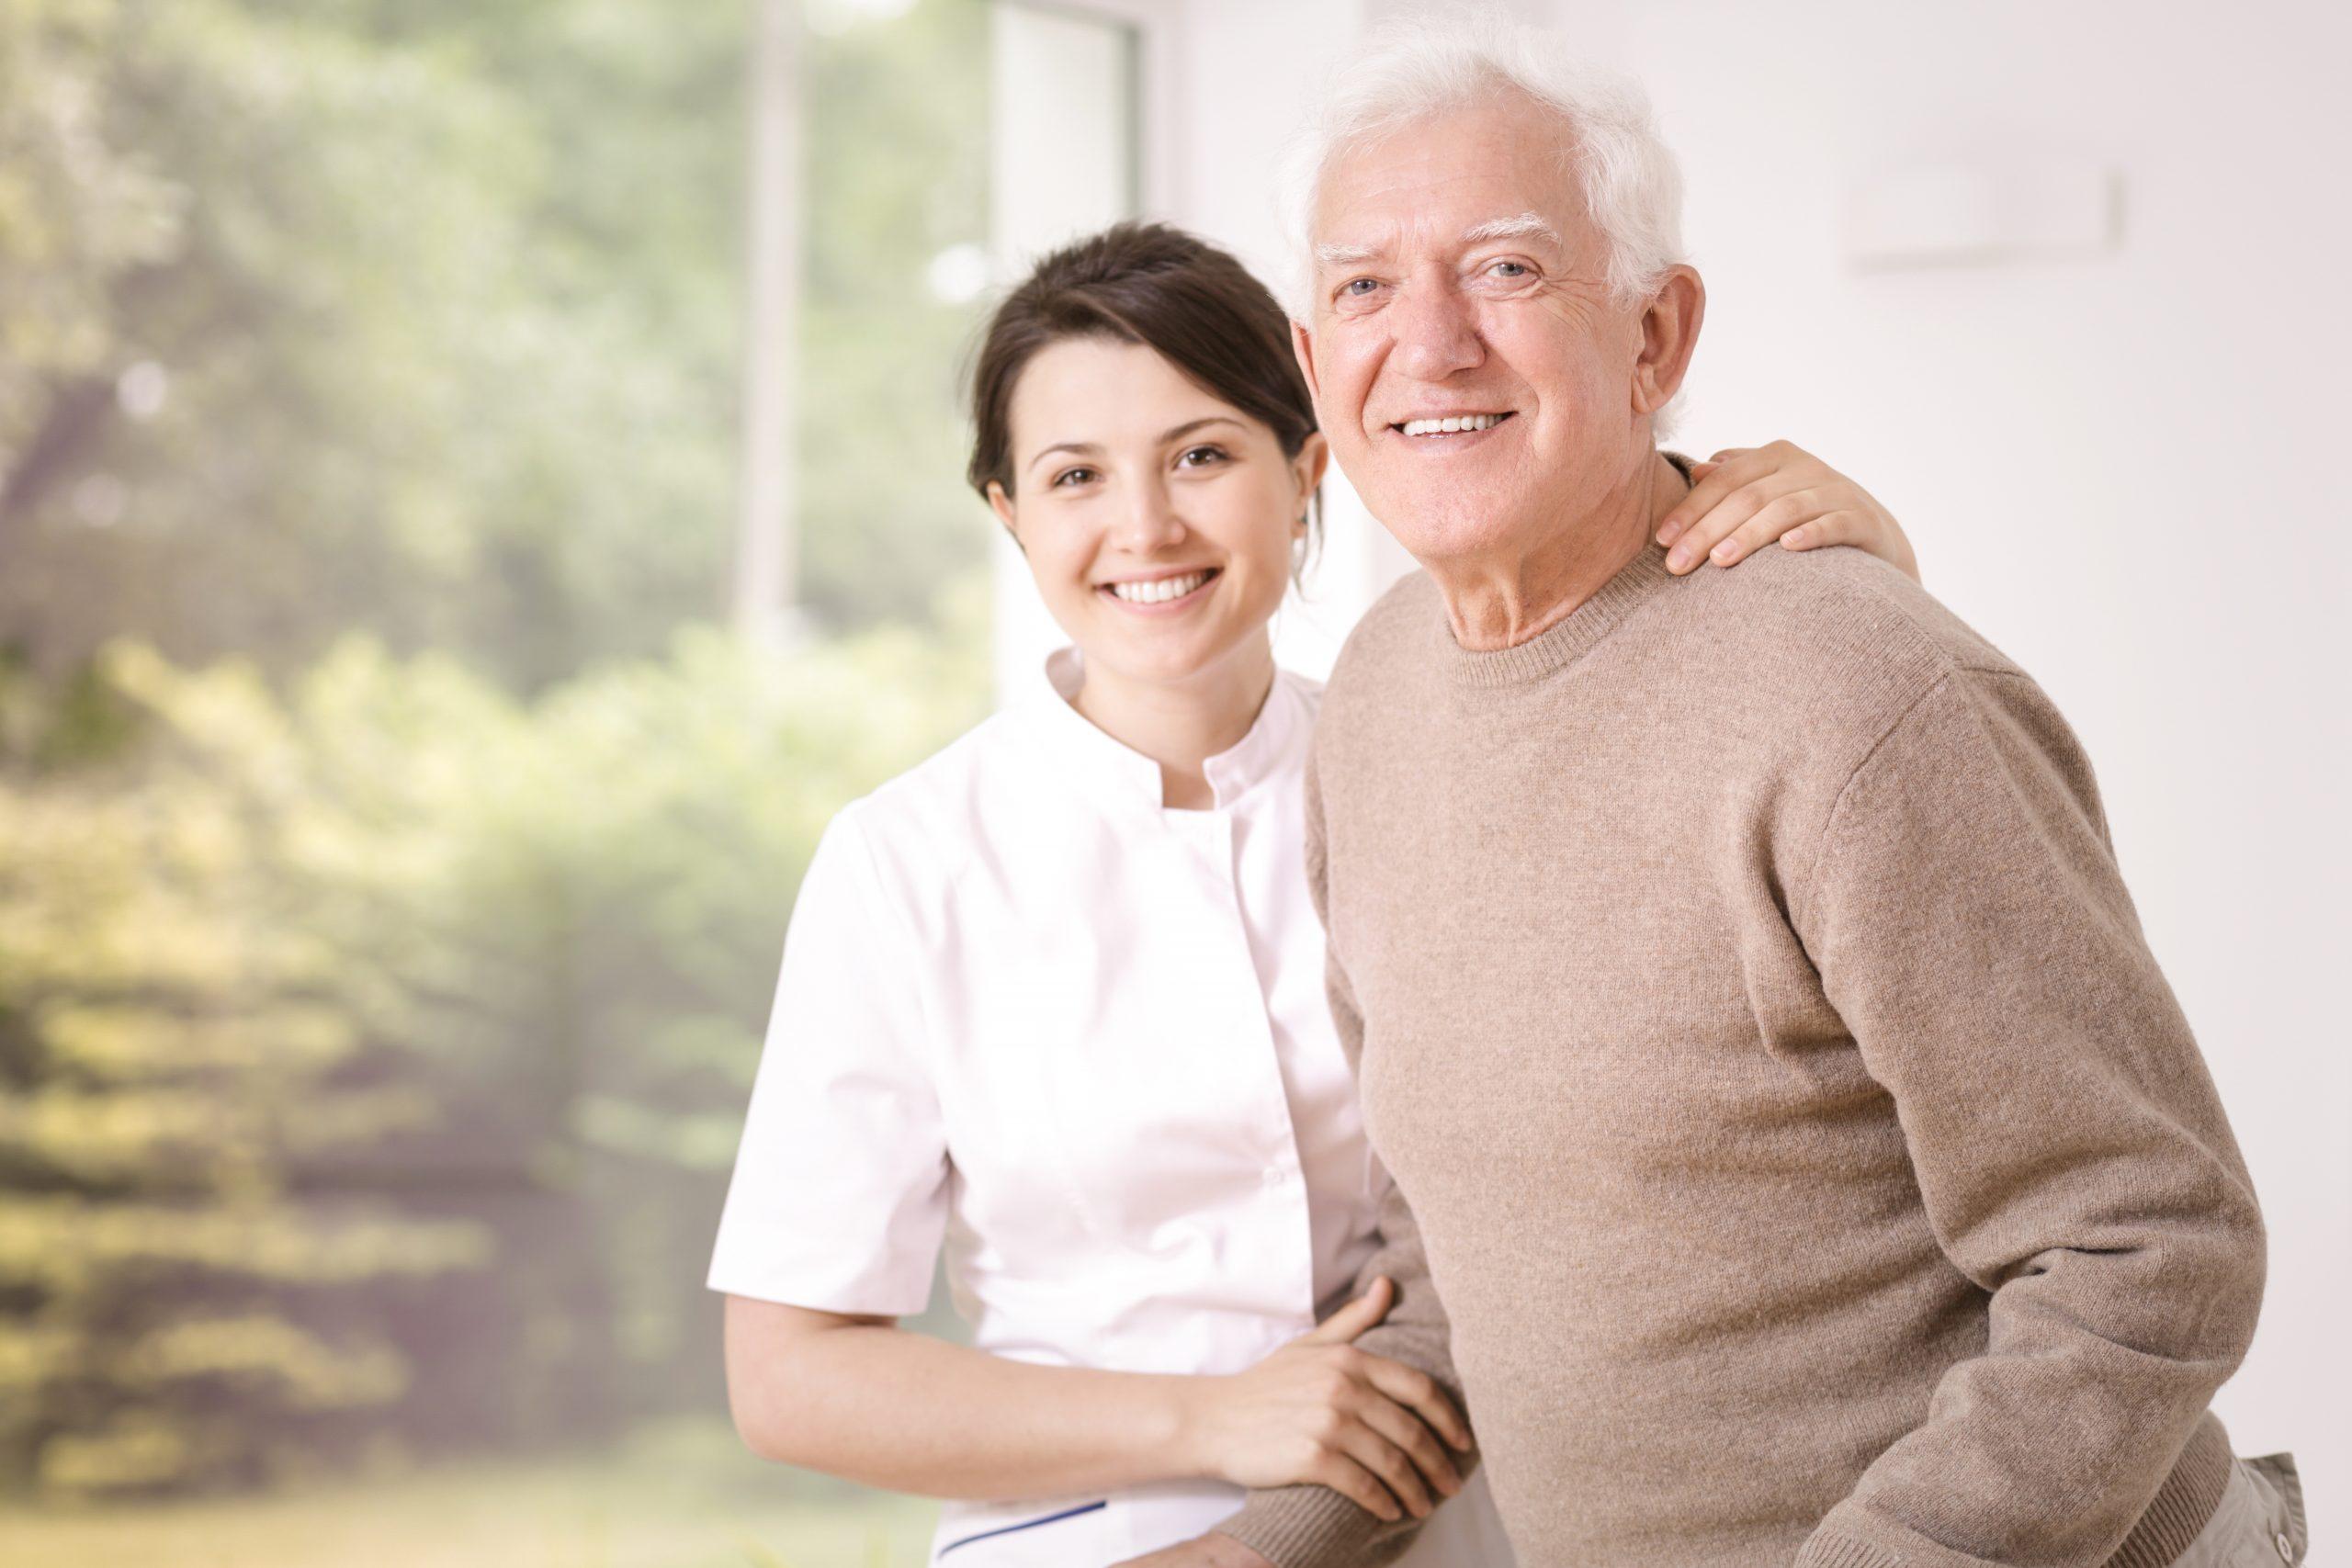 Friendly smiling caregiver